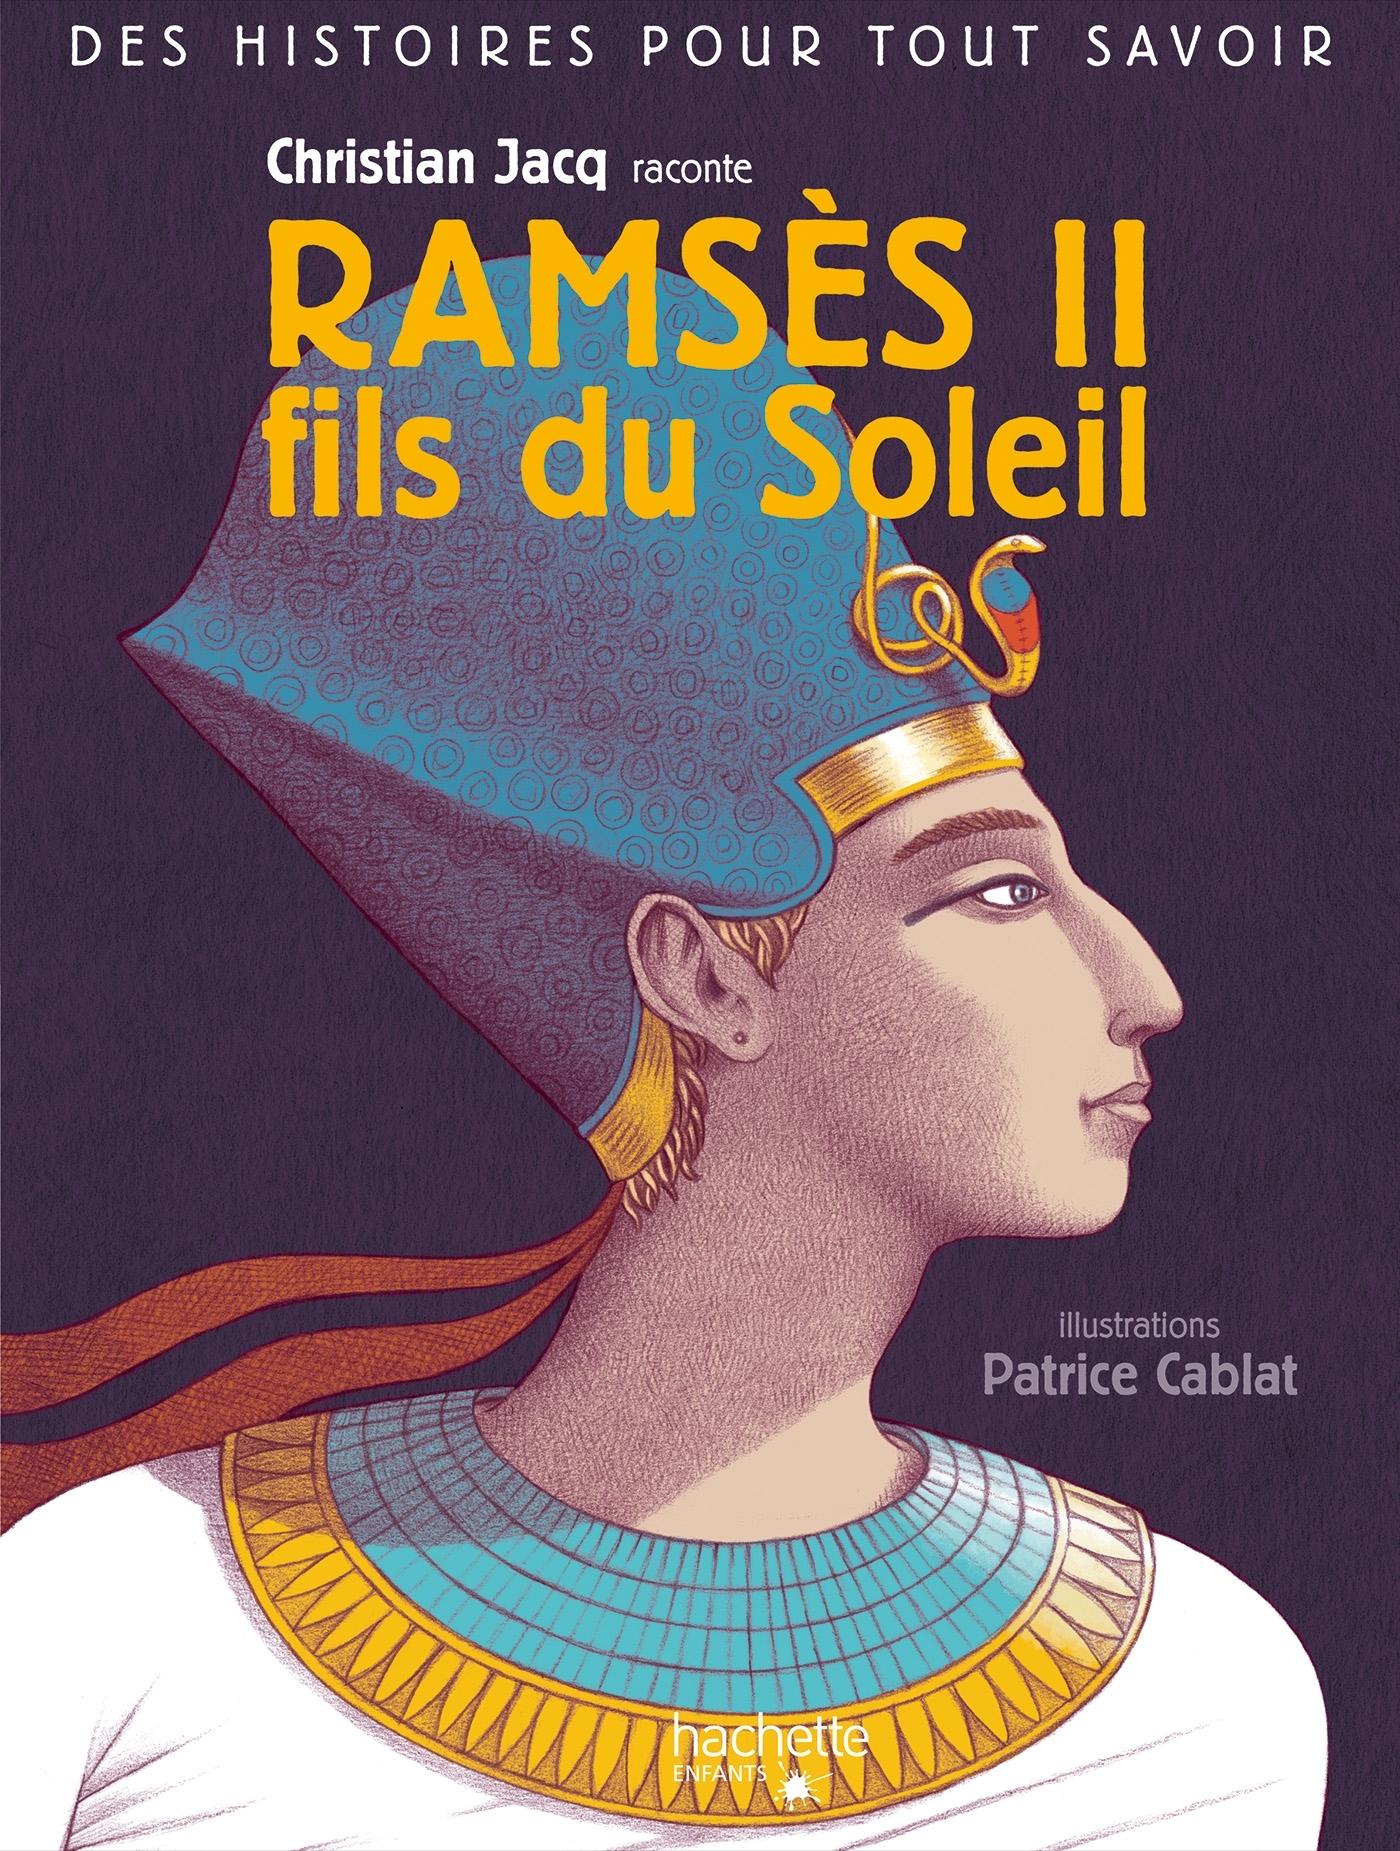 DES HISTOIRES POUR TOUT SAVOIR - CHRISTIAN JACQ RACONTE RAMSES II FILS DU SOLEIL